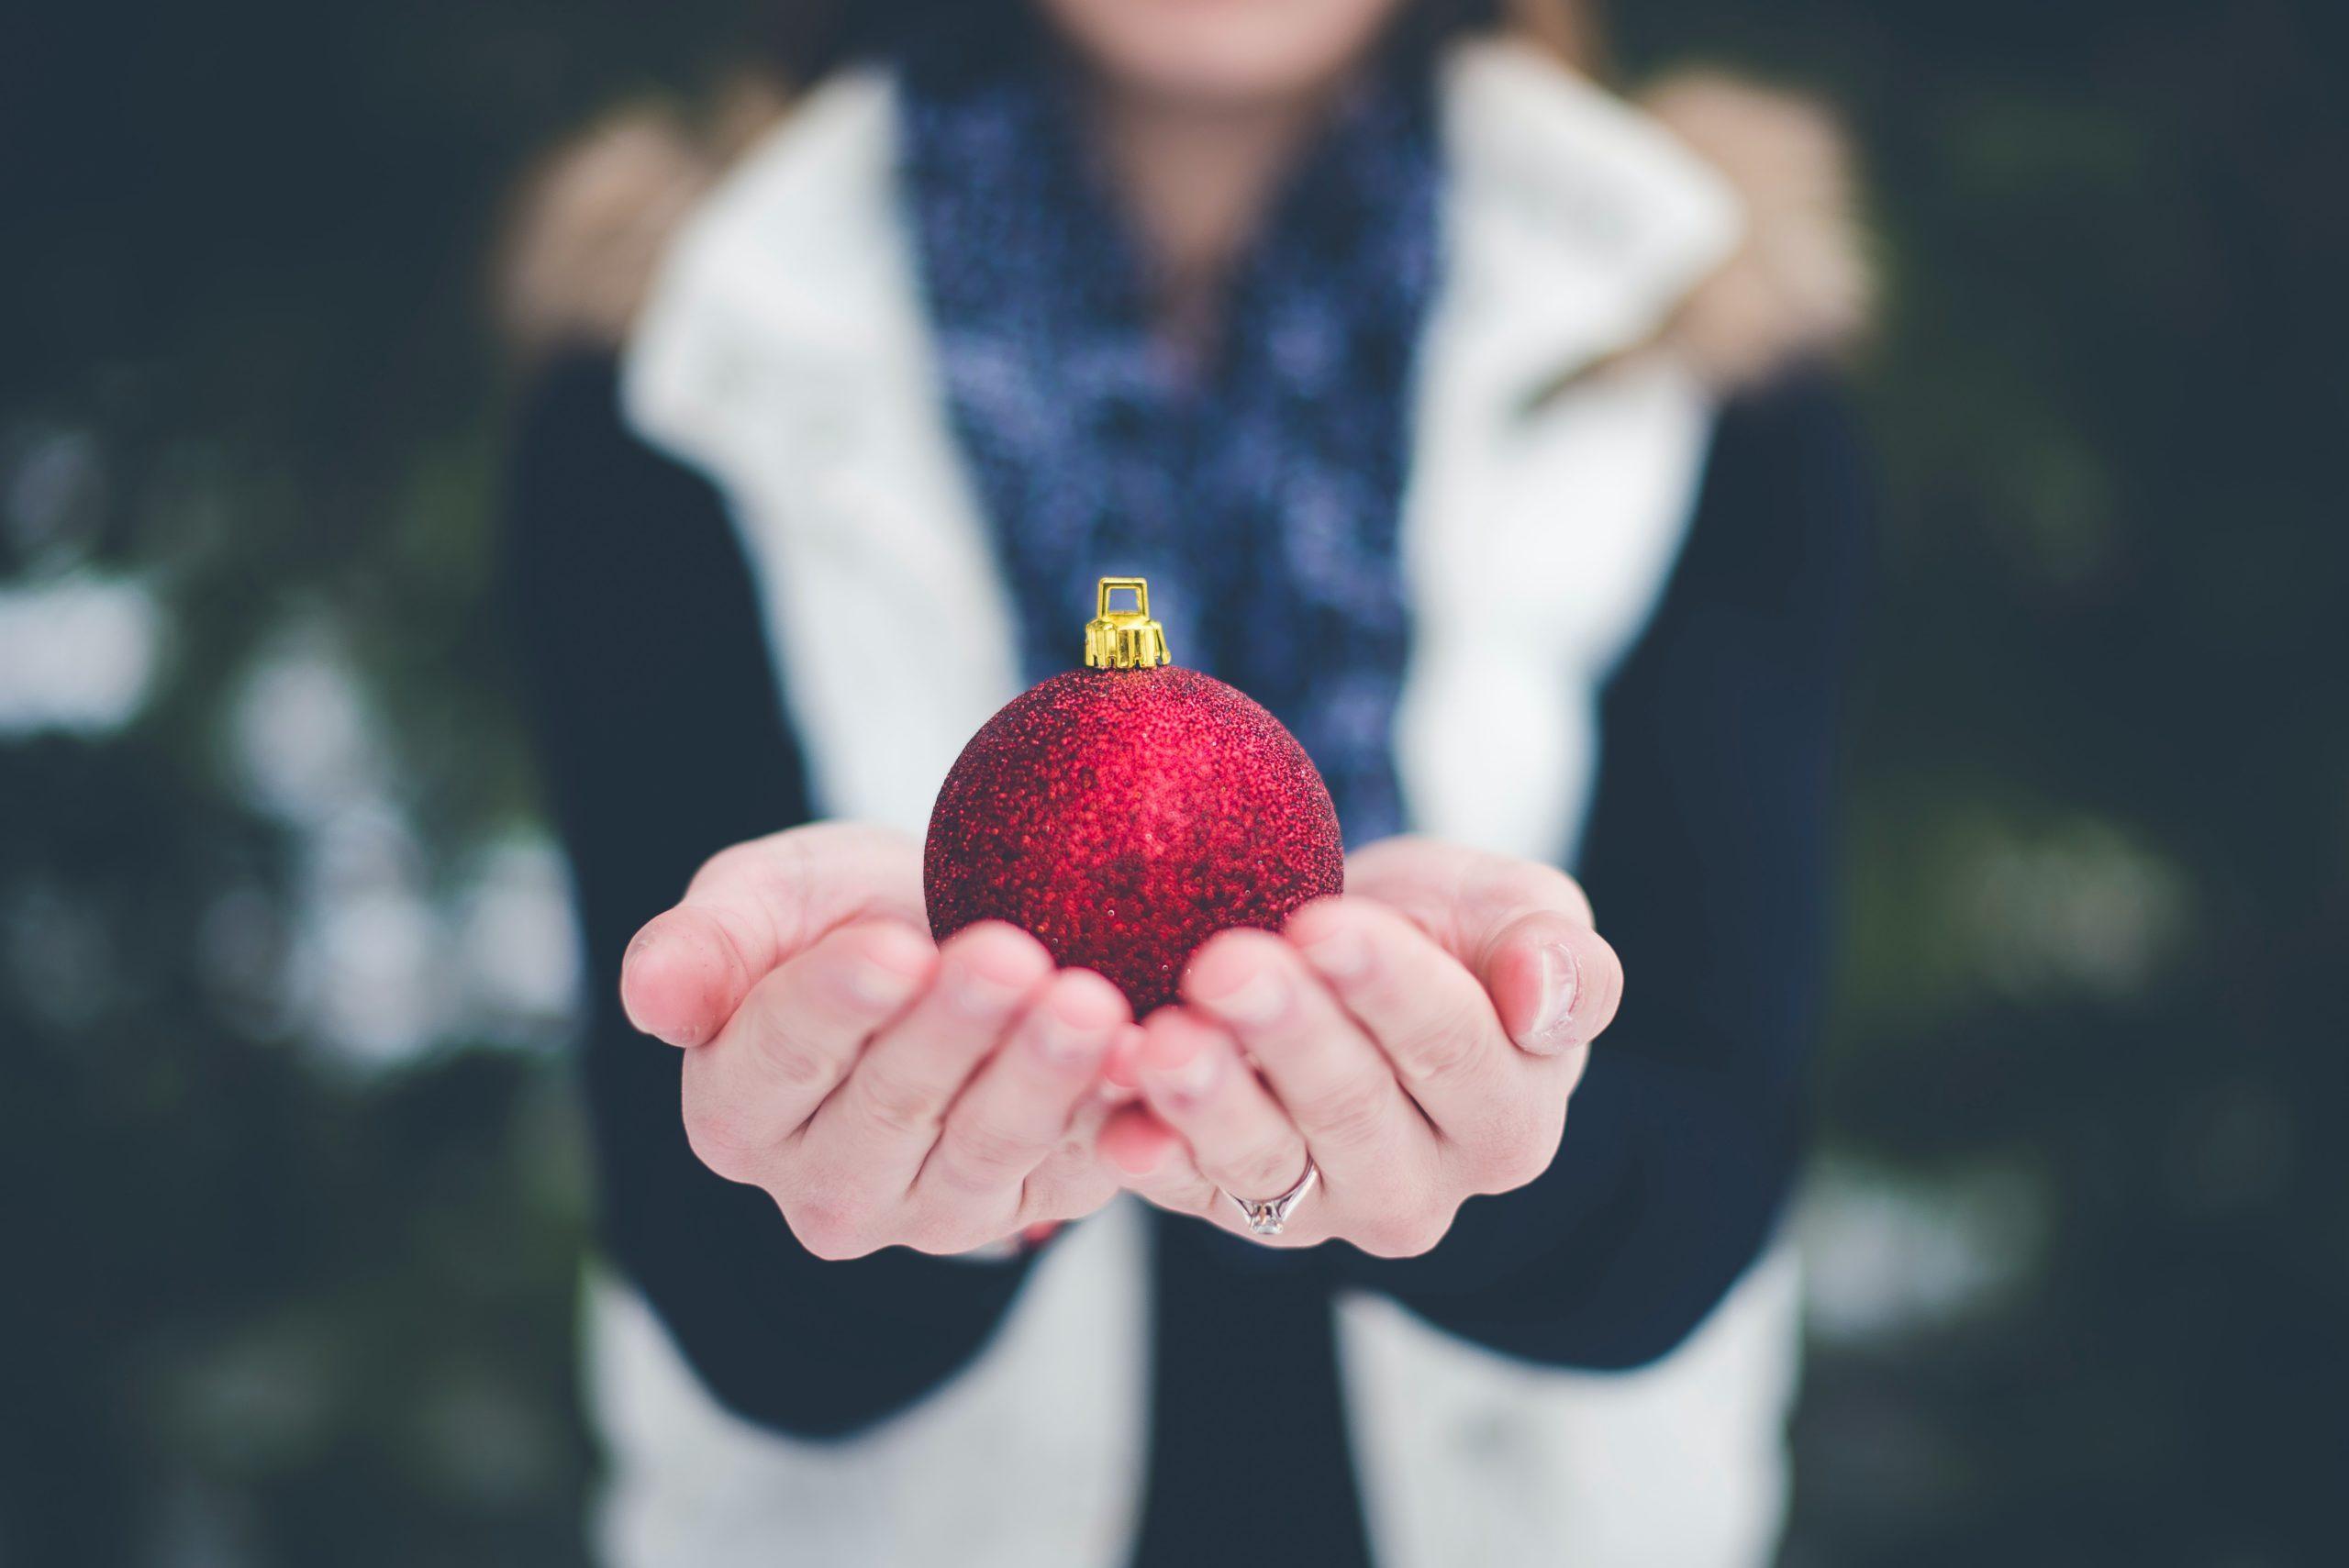 jul händer som håller en julgranskula med ring på finger